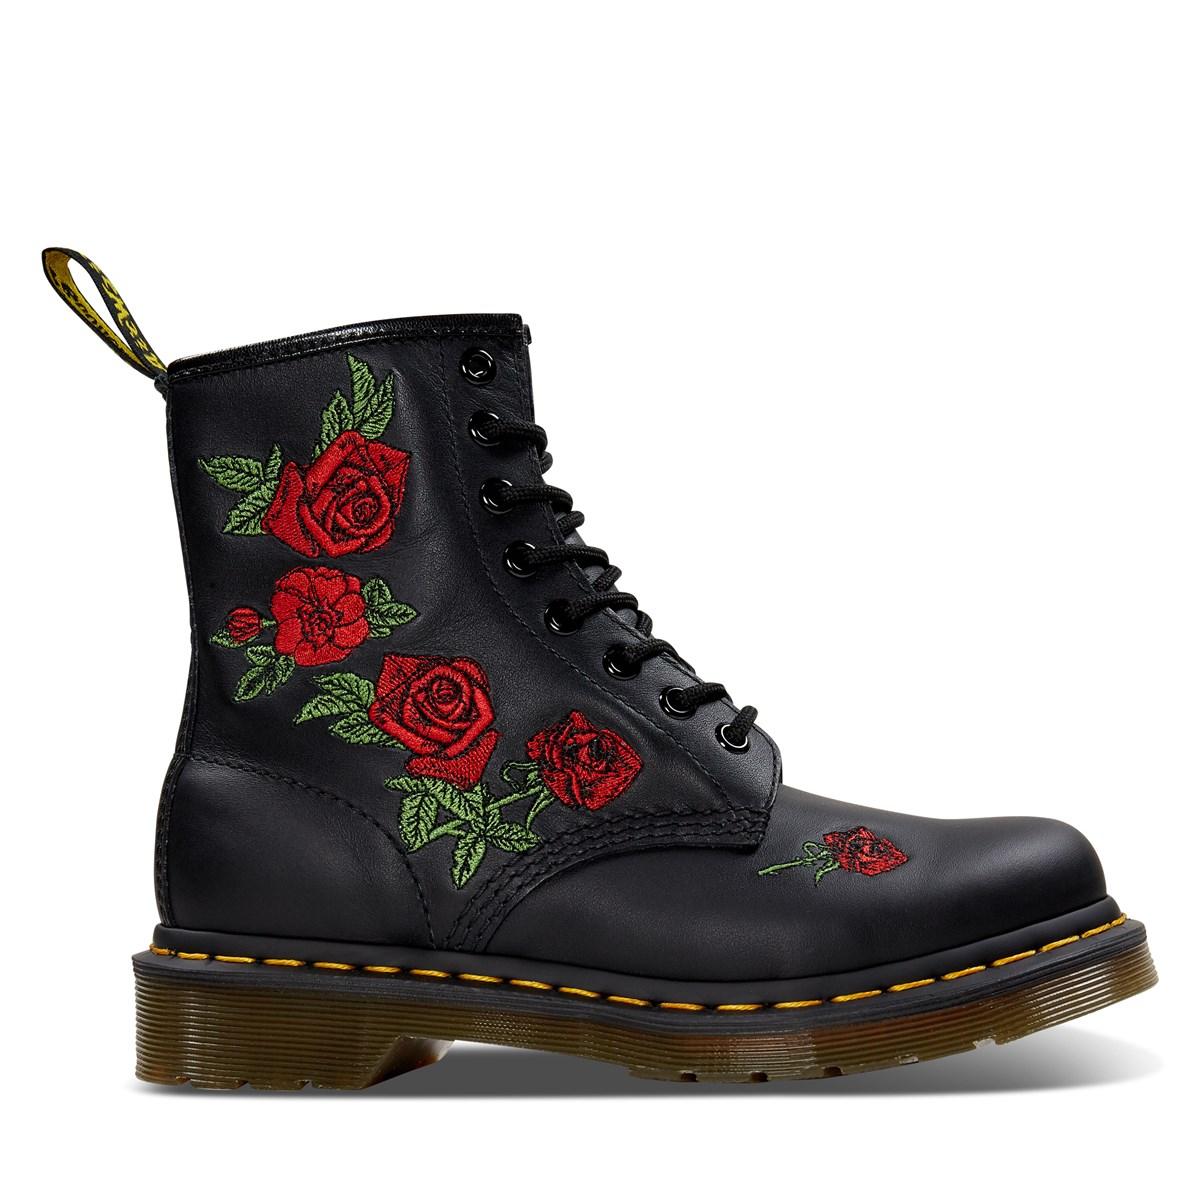 Women's 1460 Vonda Boots in Black